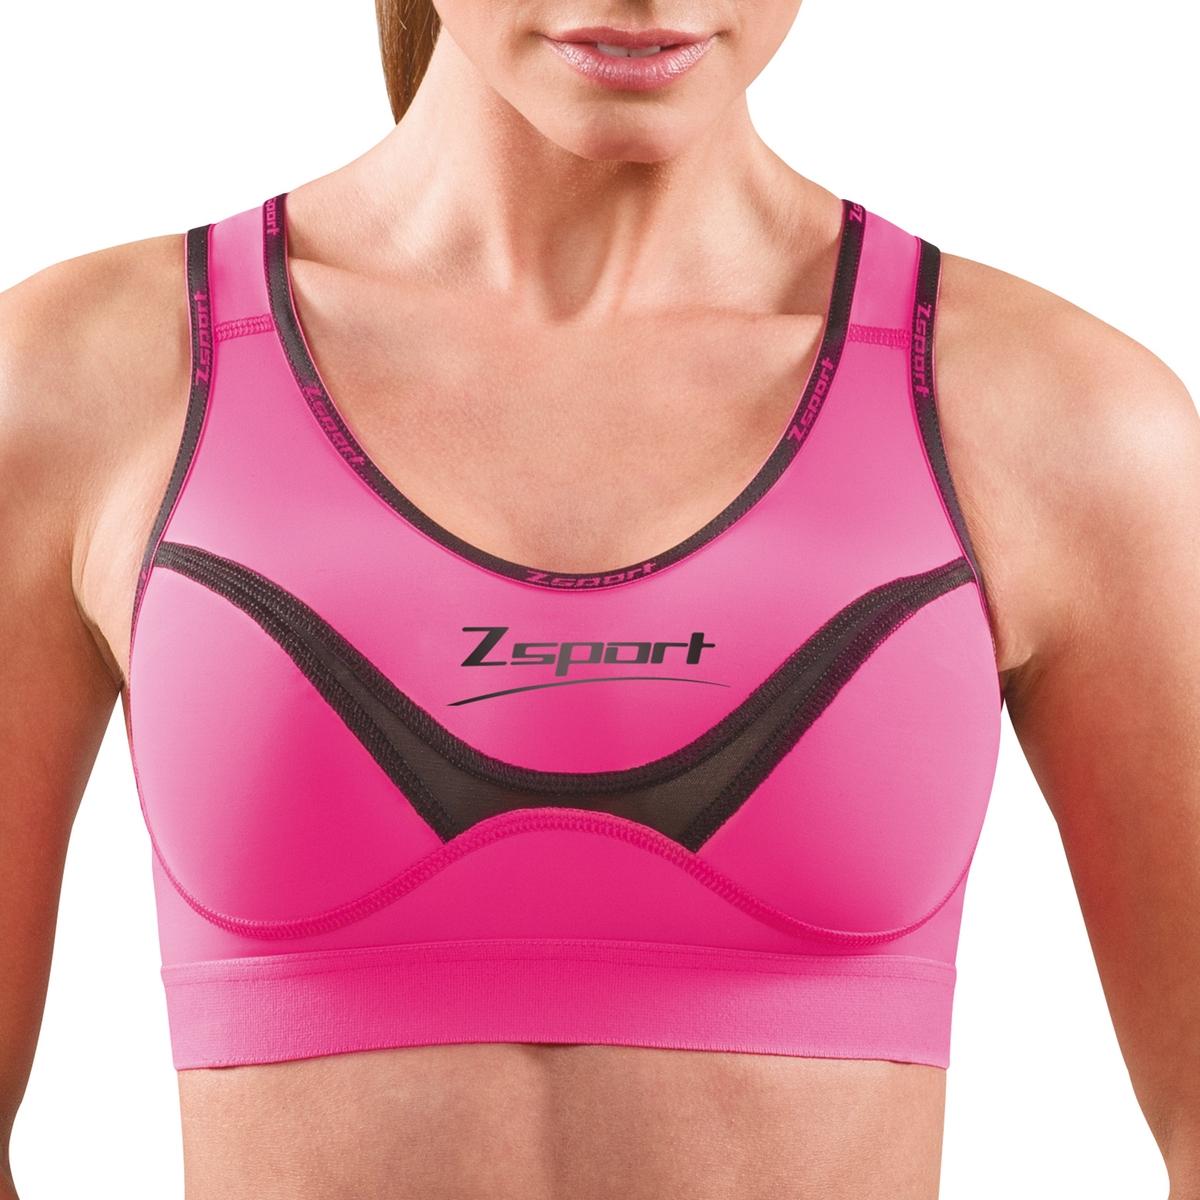 Фото - Бюстгальтер спортивный Soft Touch от ZSPORT цвет черный/ розовый